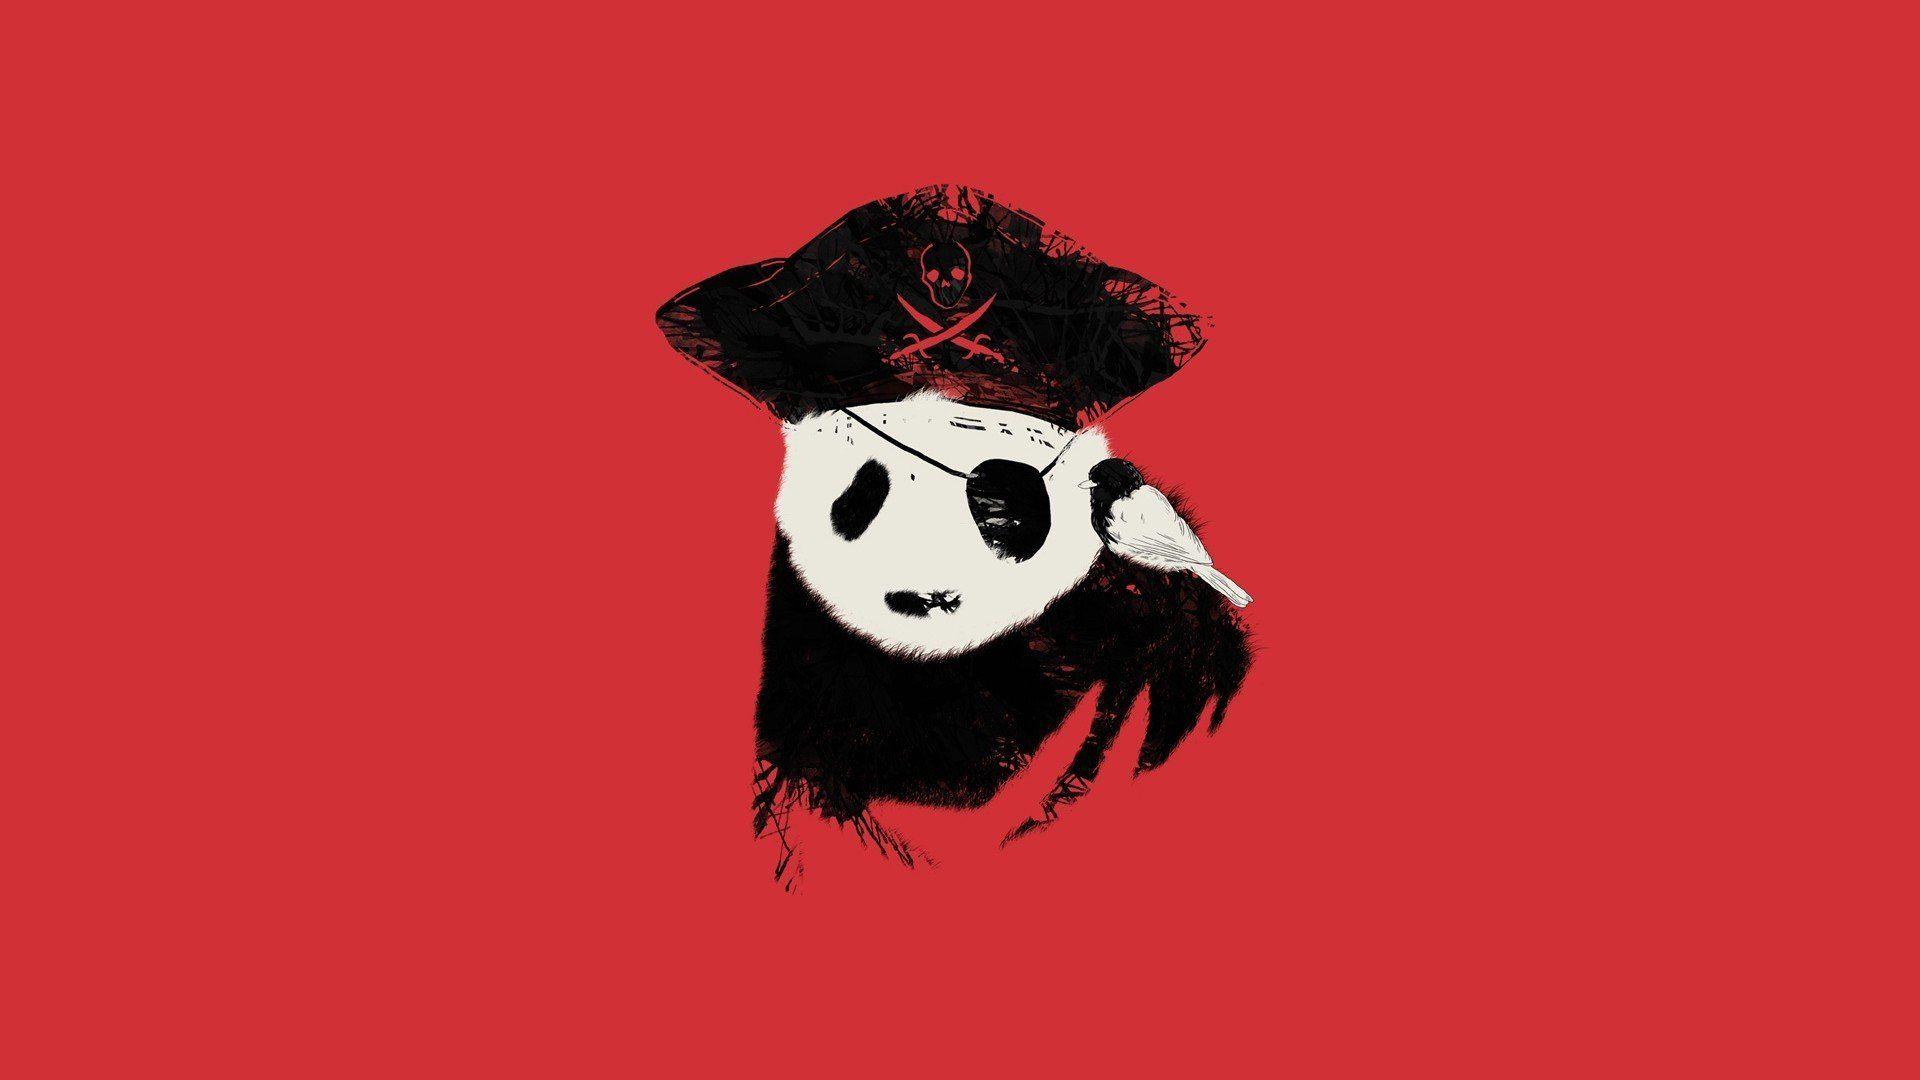 Free Download Original Panda